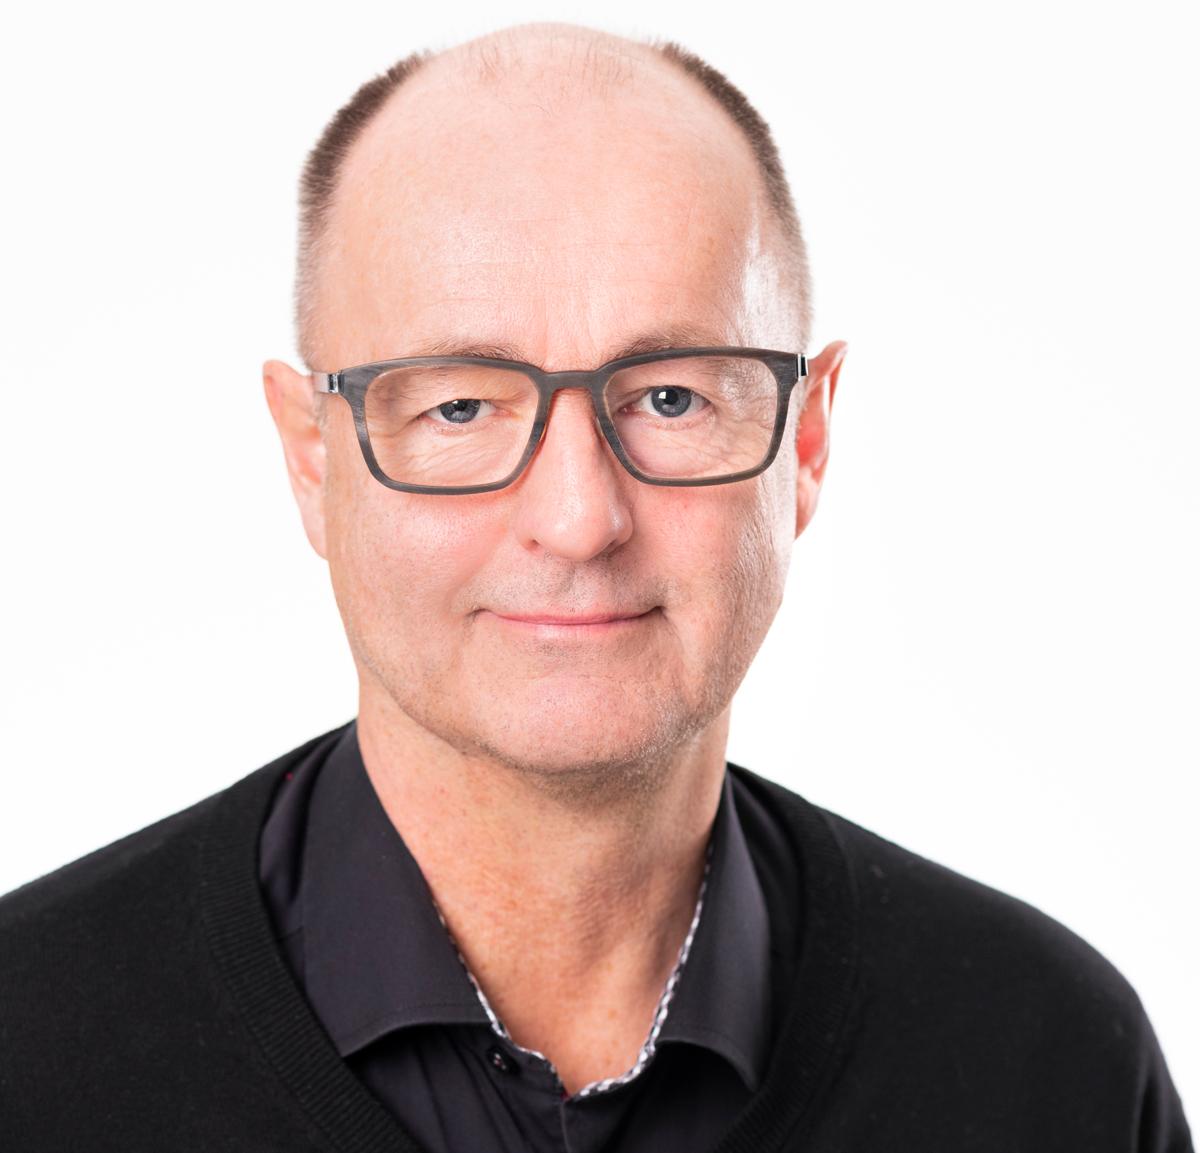 kontakt företagsresor i Umeå: Konferens